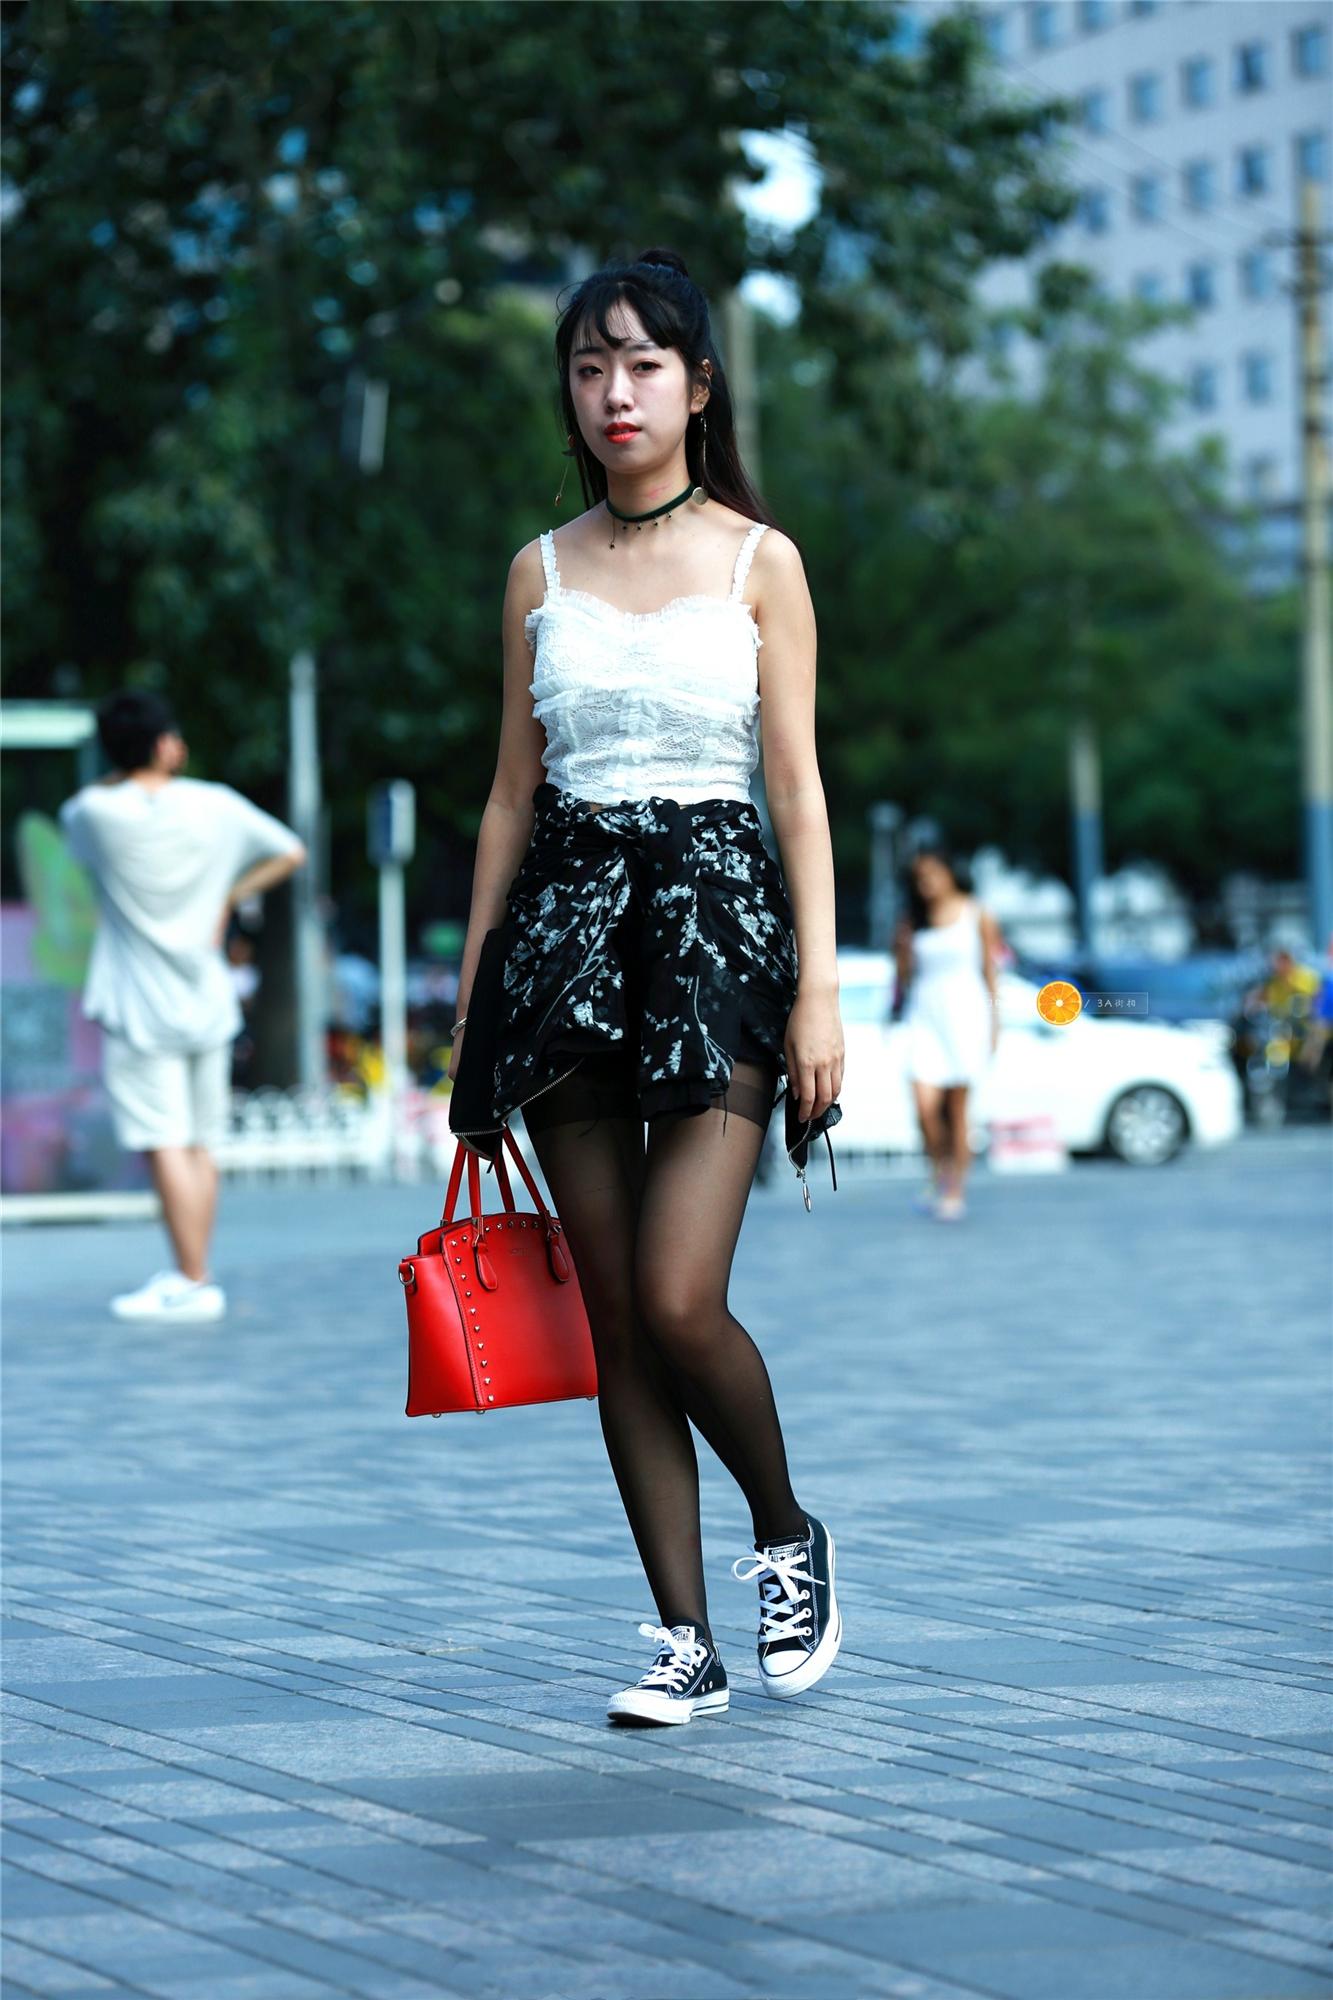 粉色短裙的白丝搔货_小学生凉鞋配丝袜-粉色凉鞋配白丝袜图片大全